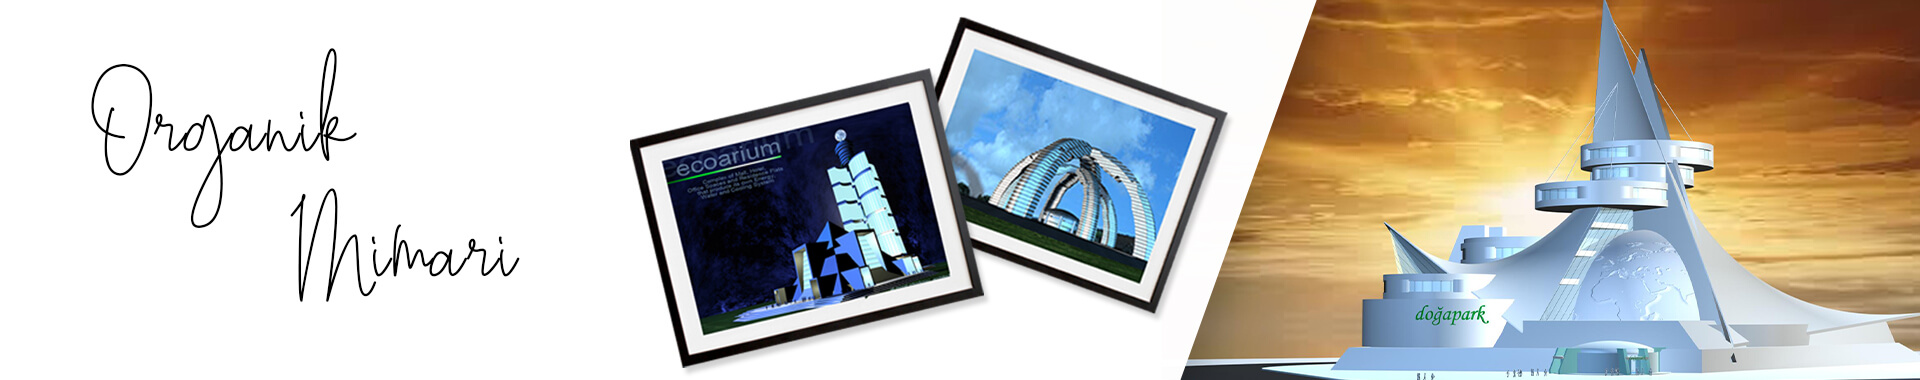 slide-architecture-02-tr